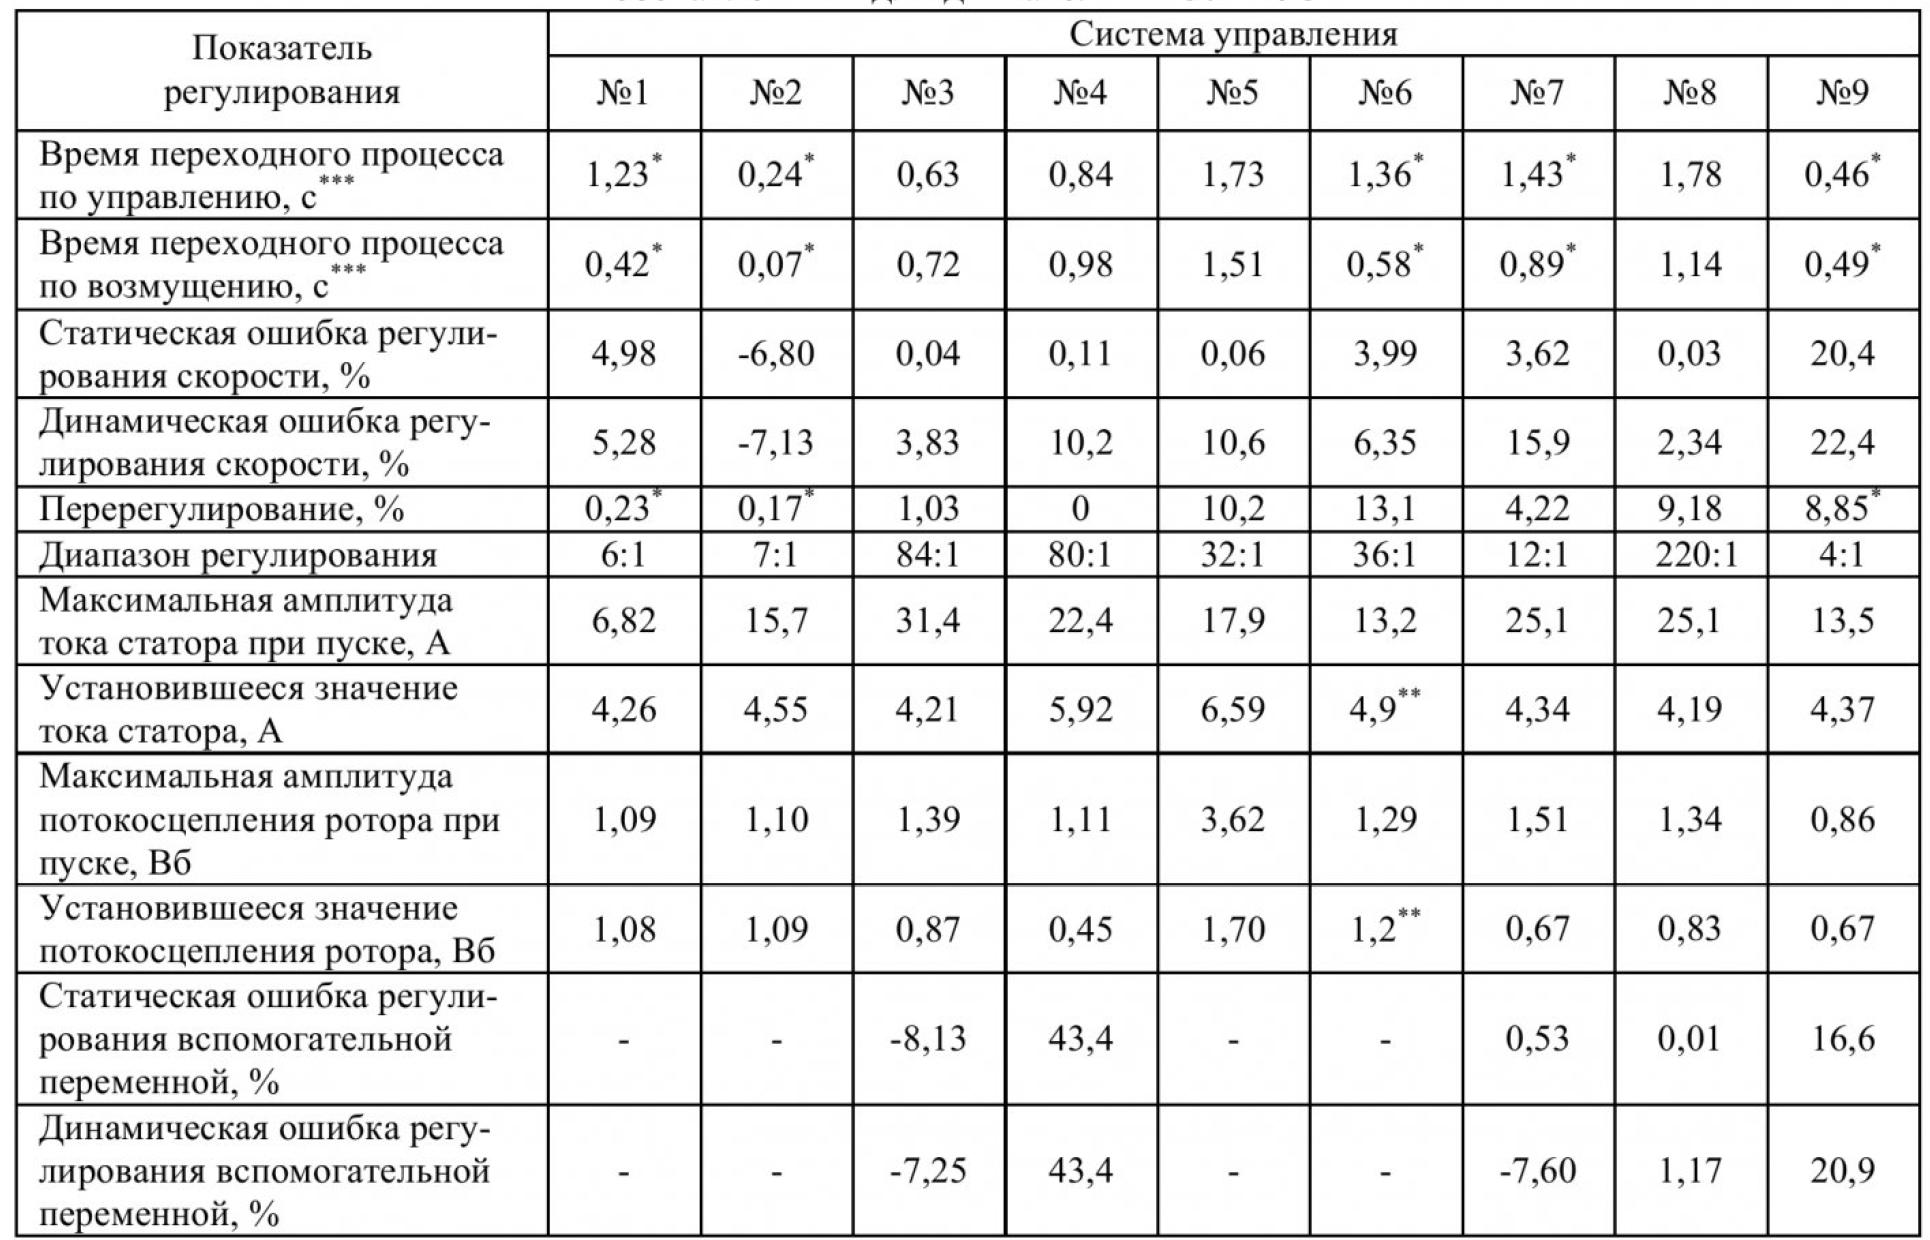 Сравнительный анализ систем регулирования угловой скорости асинхронного электродвигателя 7